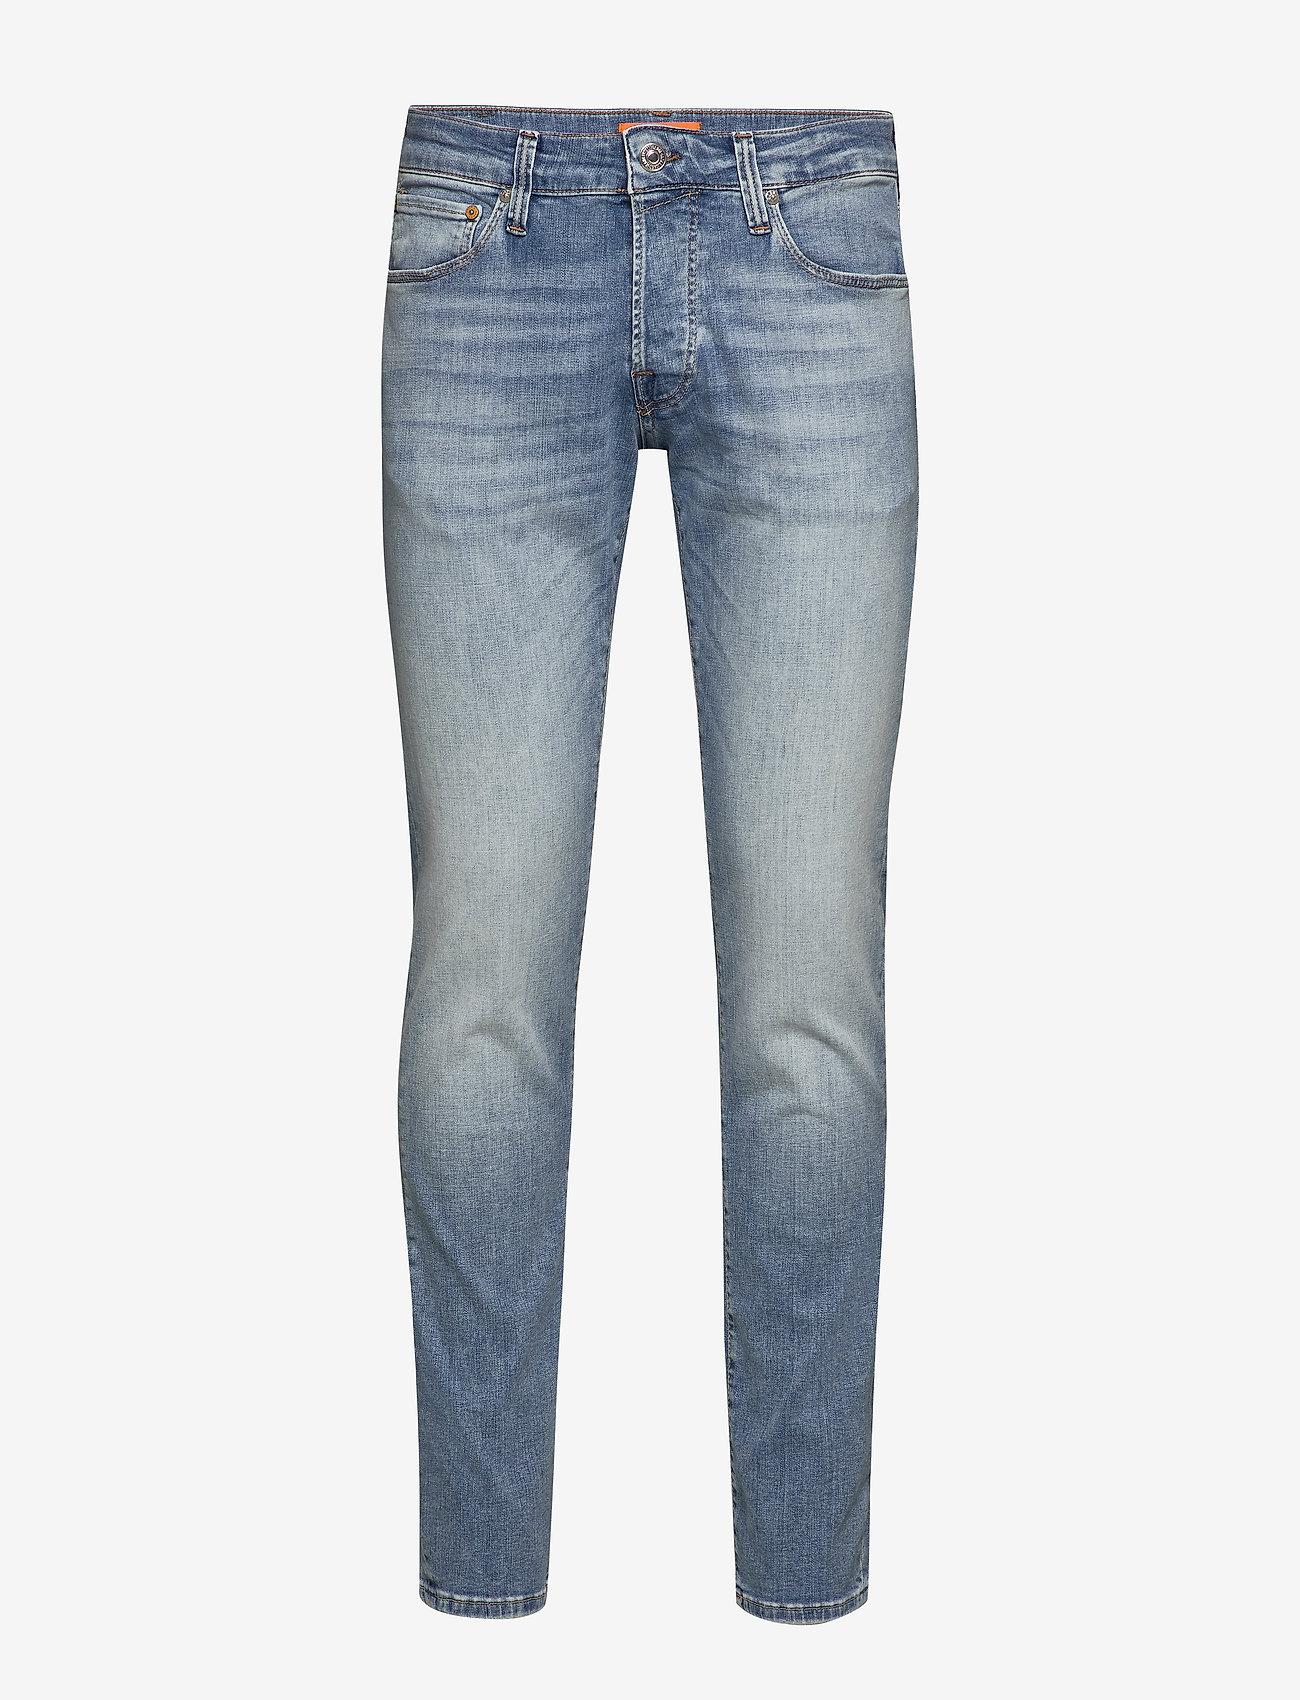 Jack & Jones - JJIGLENN JJICON JJ 657 50SPS NOOS - skinny jeans - blue denim - 0